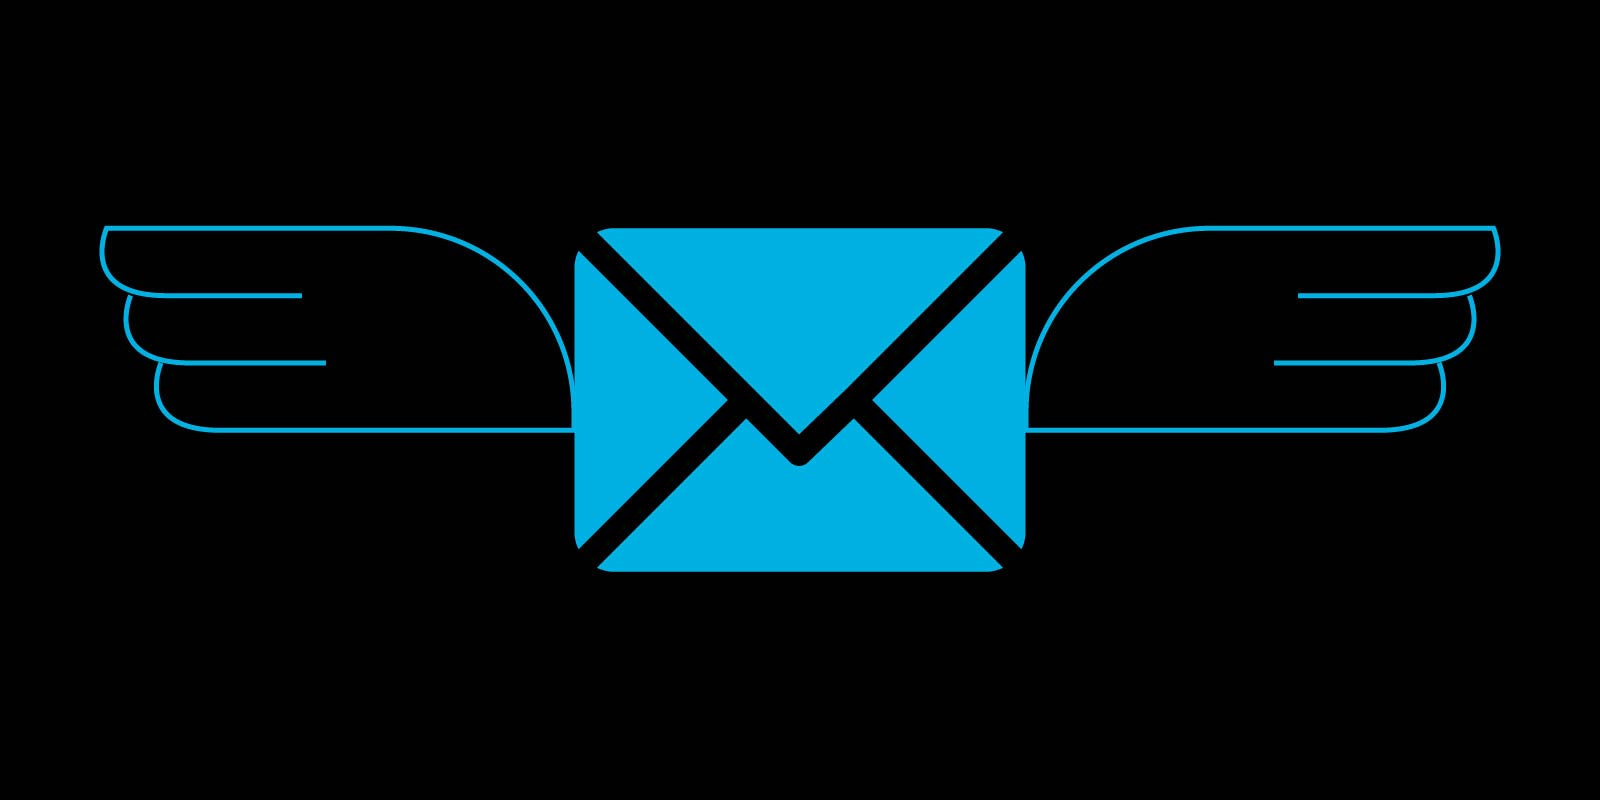 Breve prontuario delle mail promozionali